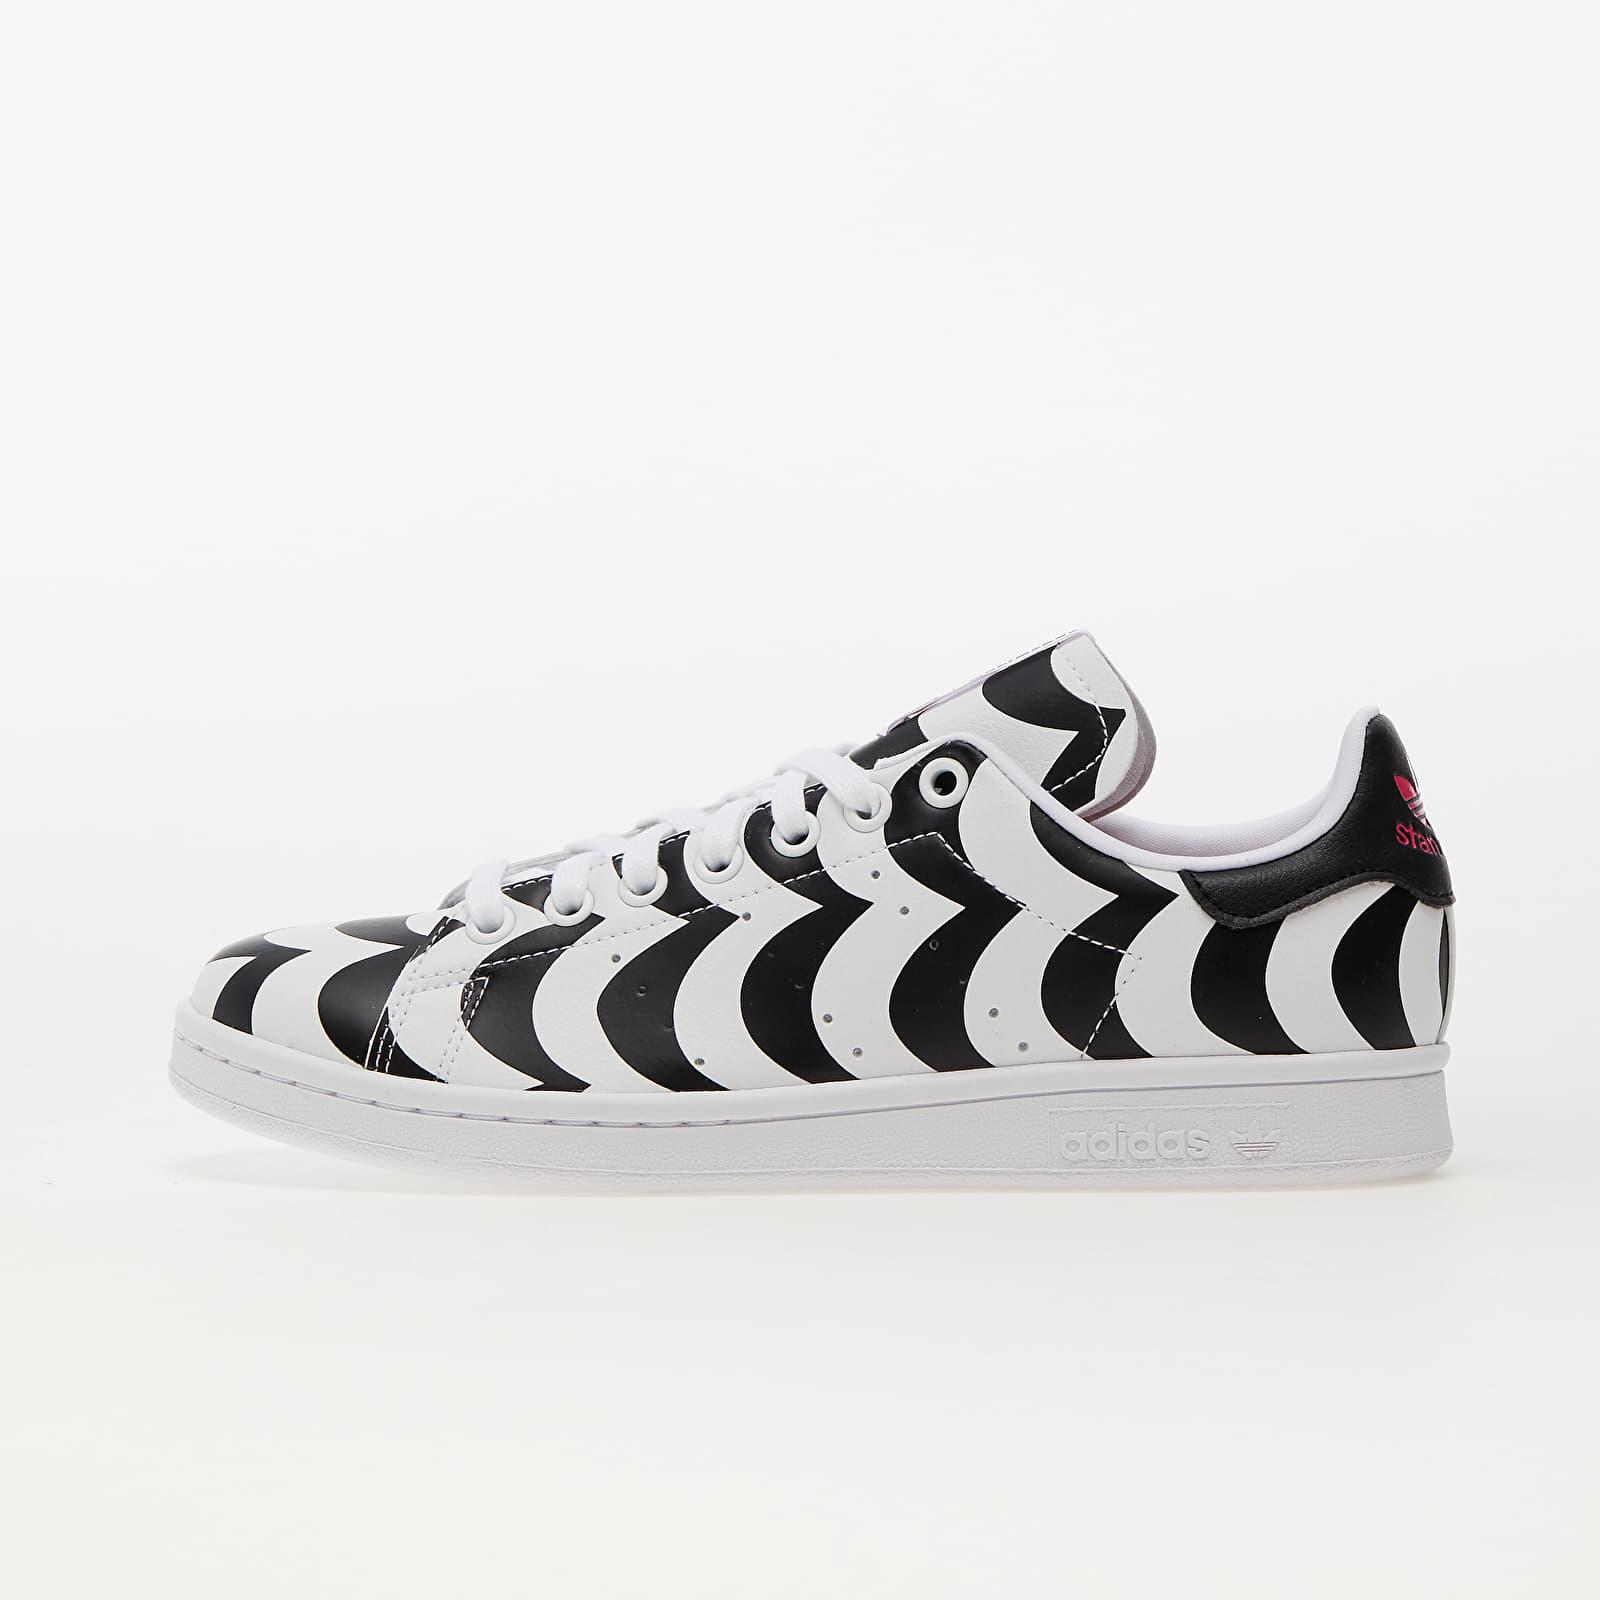 adidas x Marimekko Stan Smith W Core Black/ Team Red Mate/ Ftw White EUR 38